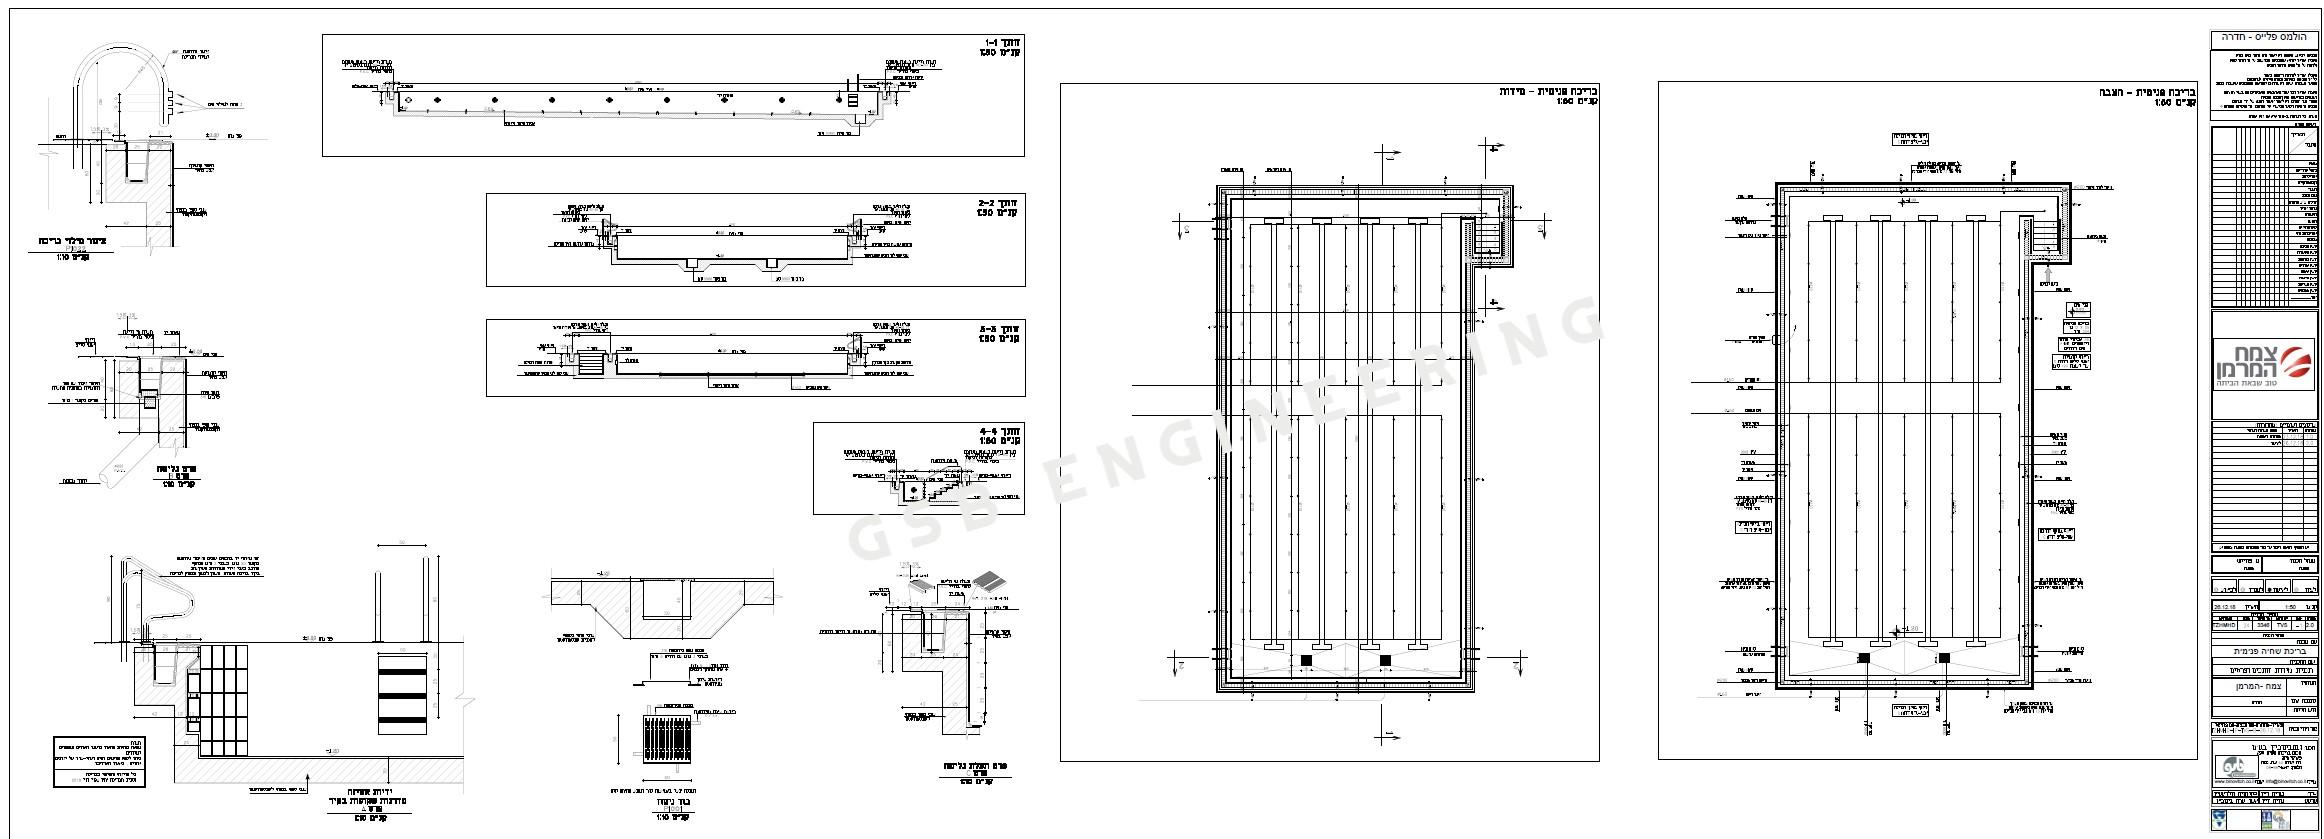 תכנון מבני בריכות, חדרי מכונות ומערכות במתחם הולמס פלייס בחדרה